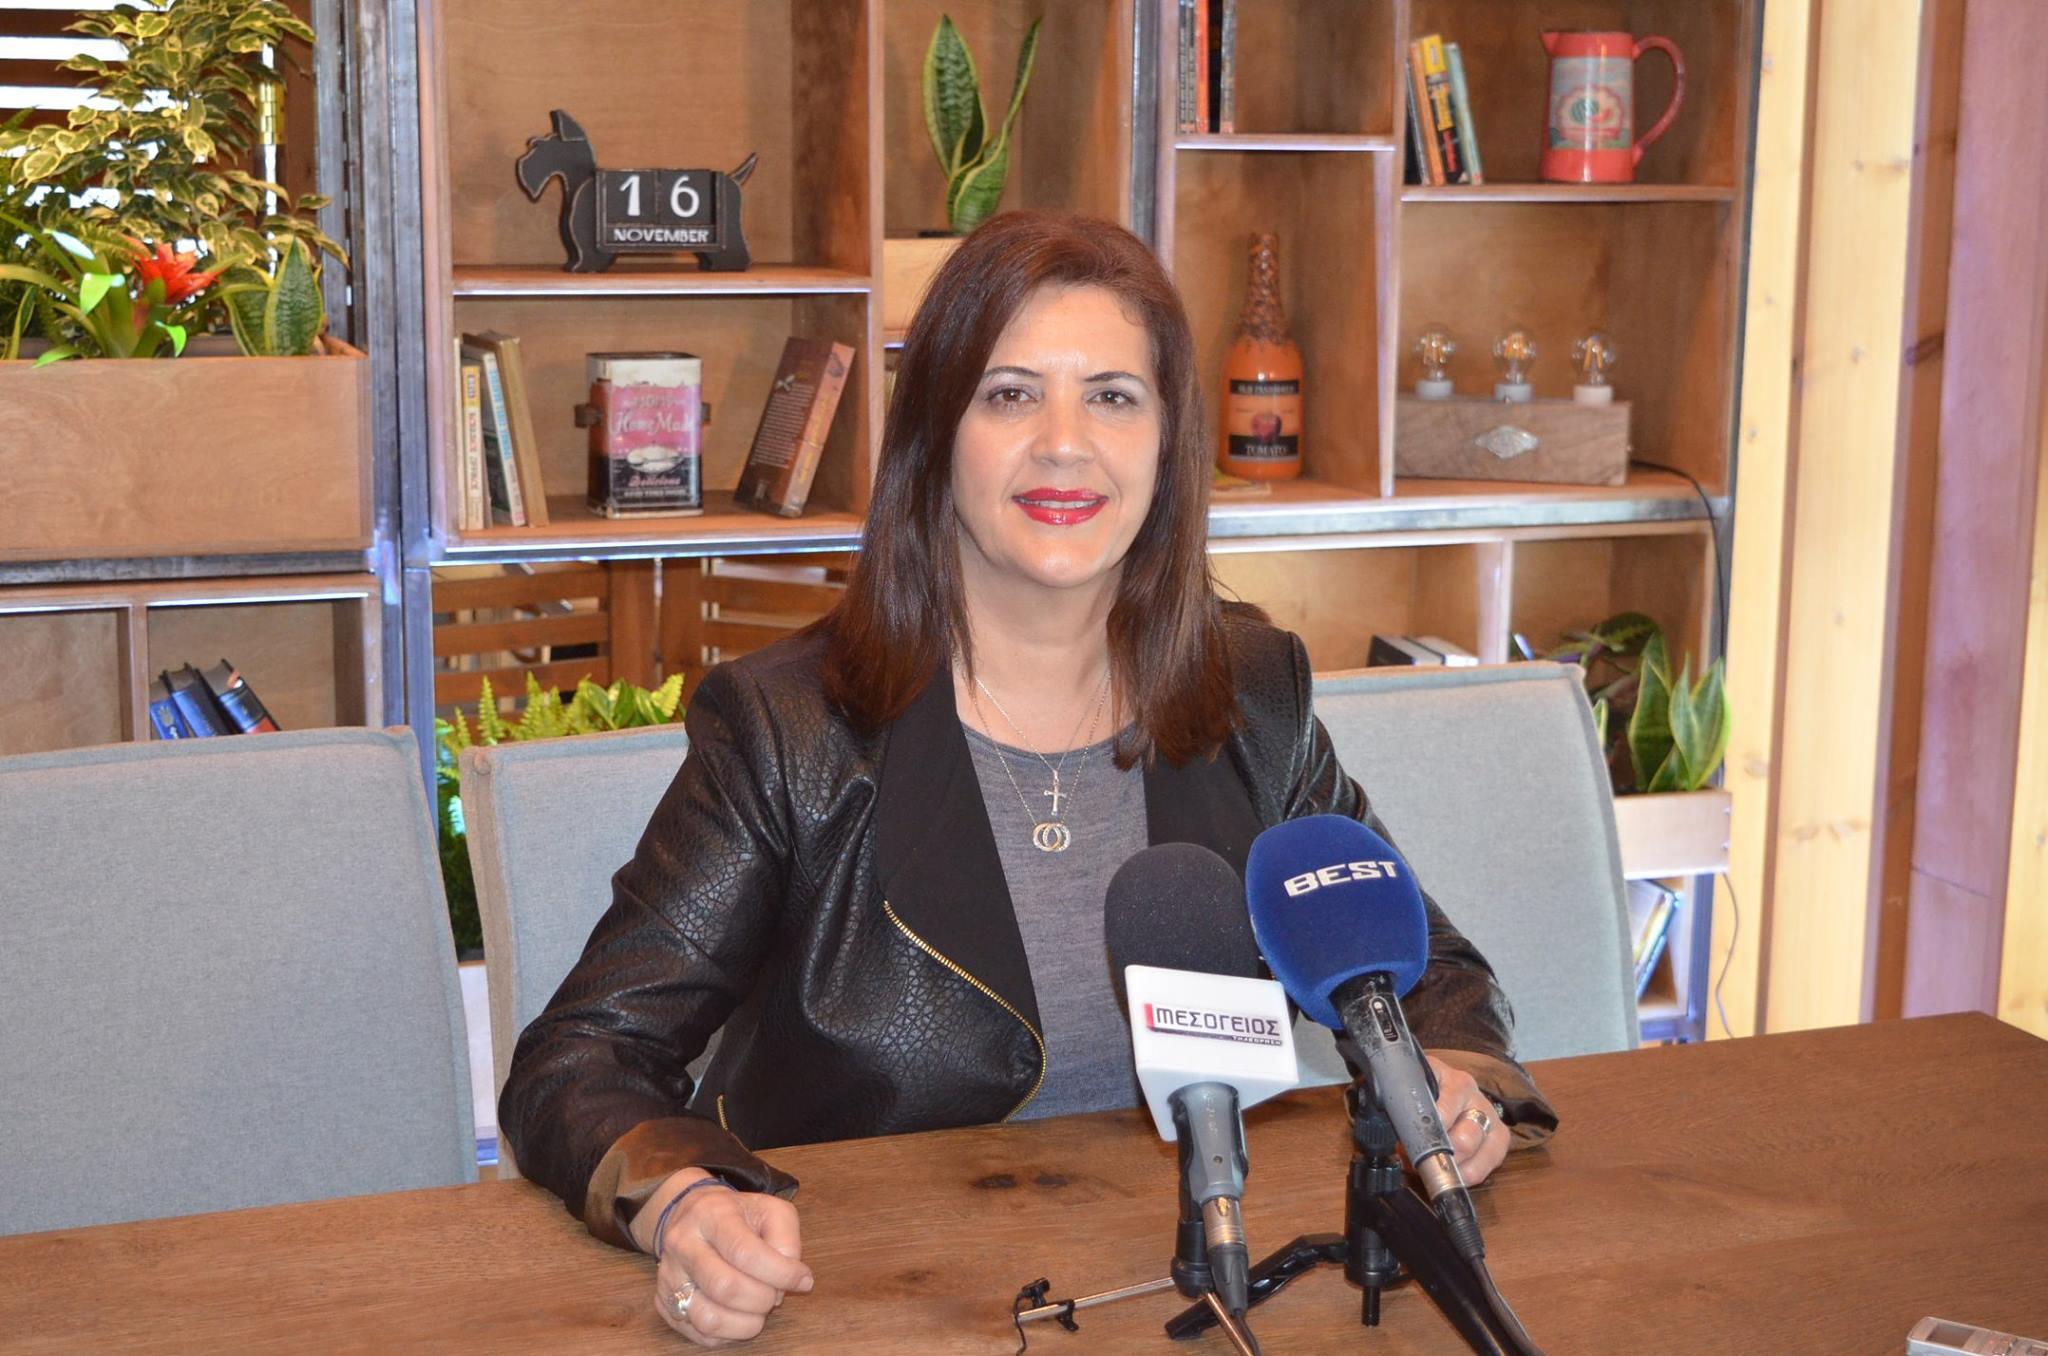 Νικολάκου «Αισιόδοξο και το 2018 για το τουριστικό προϊόν της Πελοποννήσου»